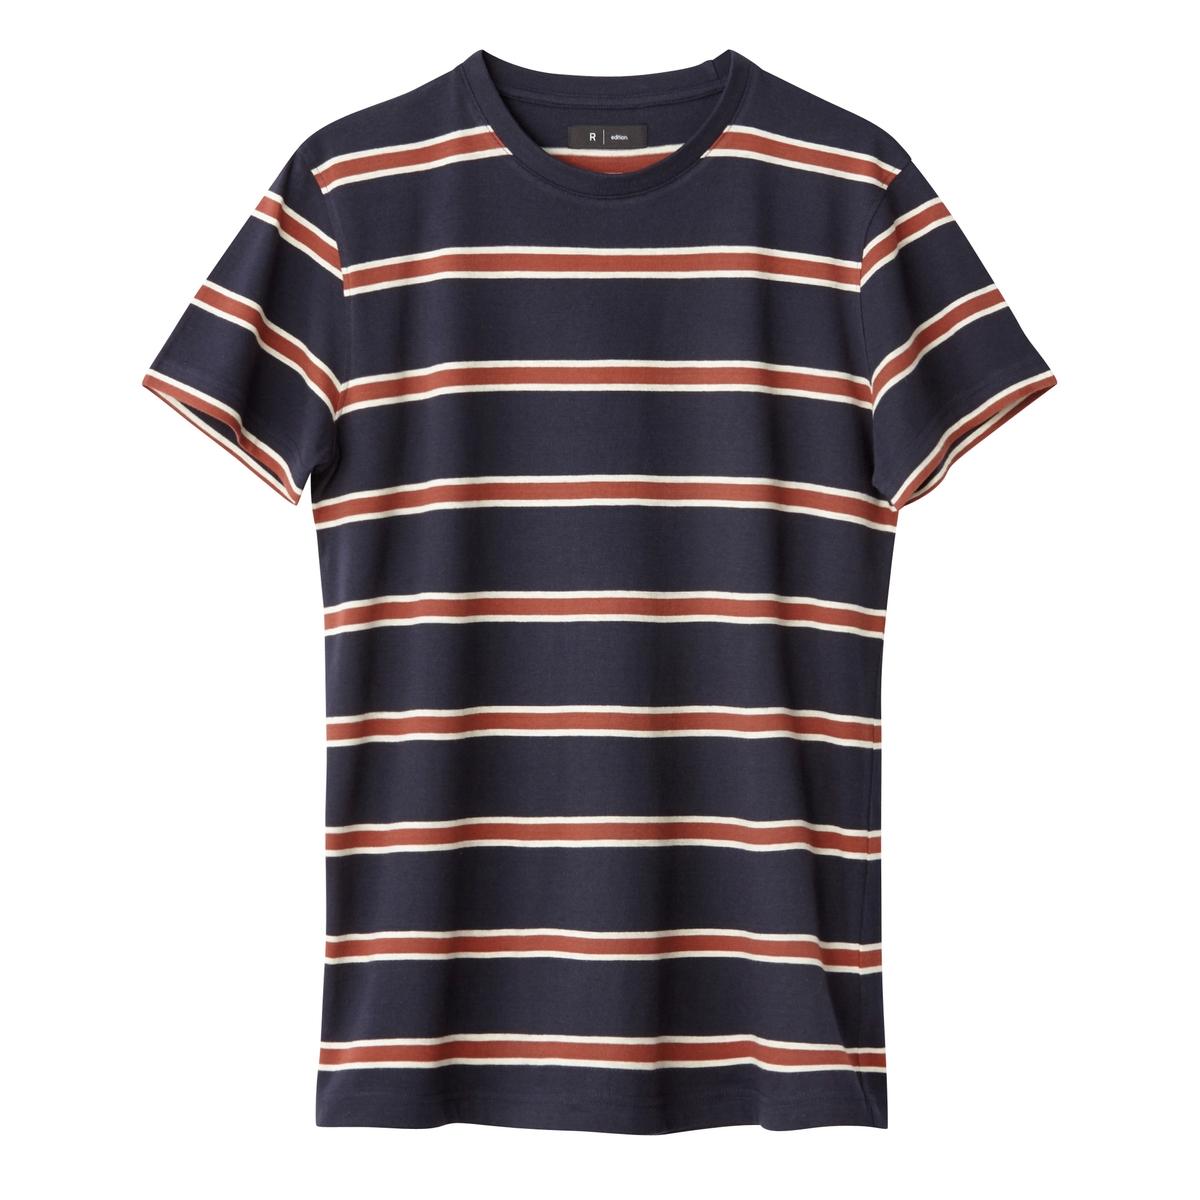 Футболка в полоску с круглым вырезом, 100% хлопок футболка в полоску с круглым вырезом